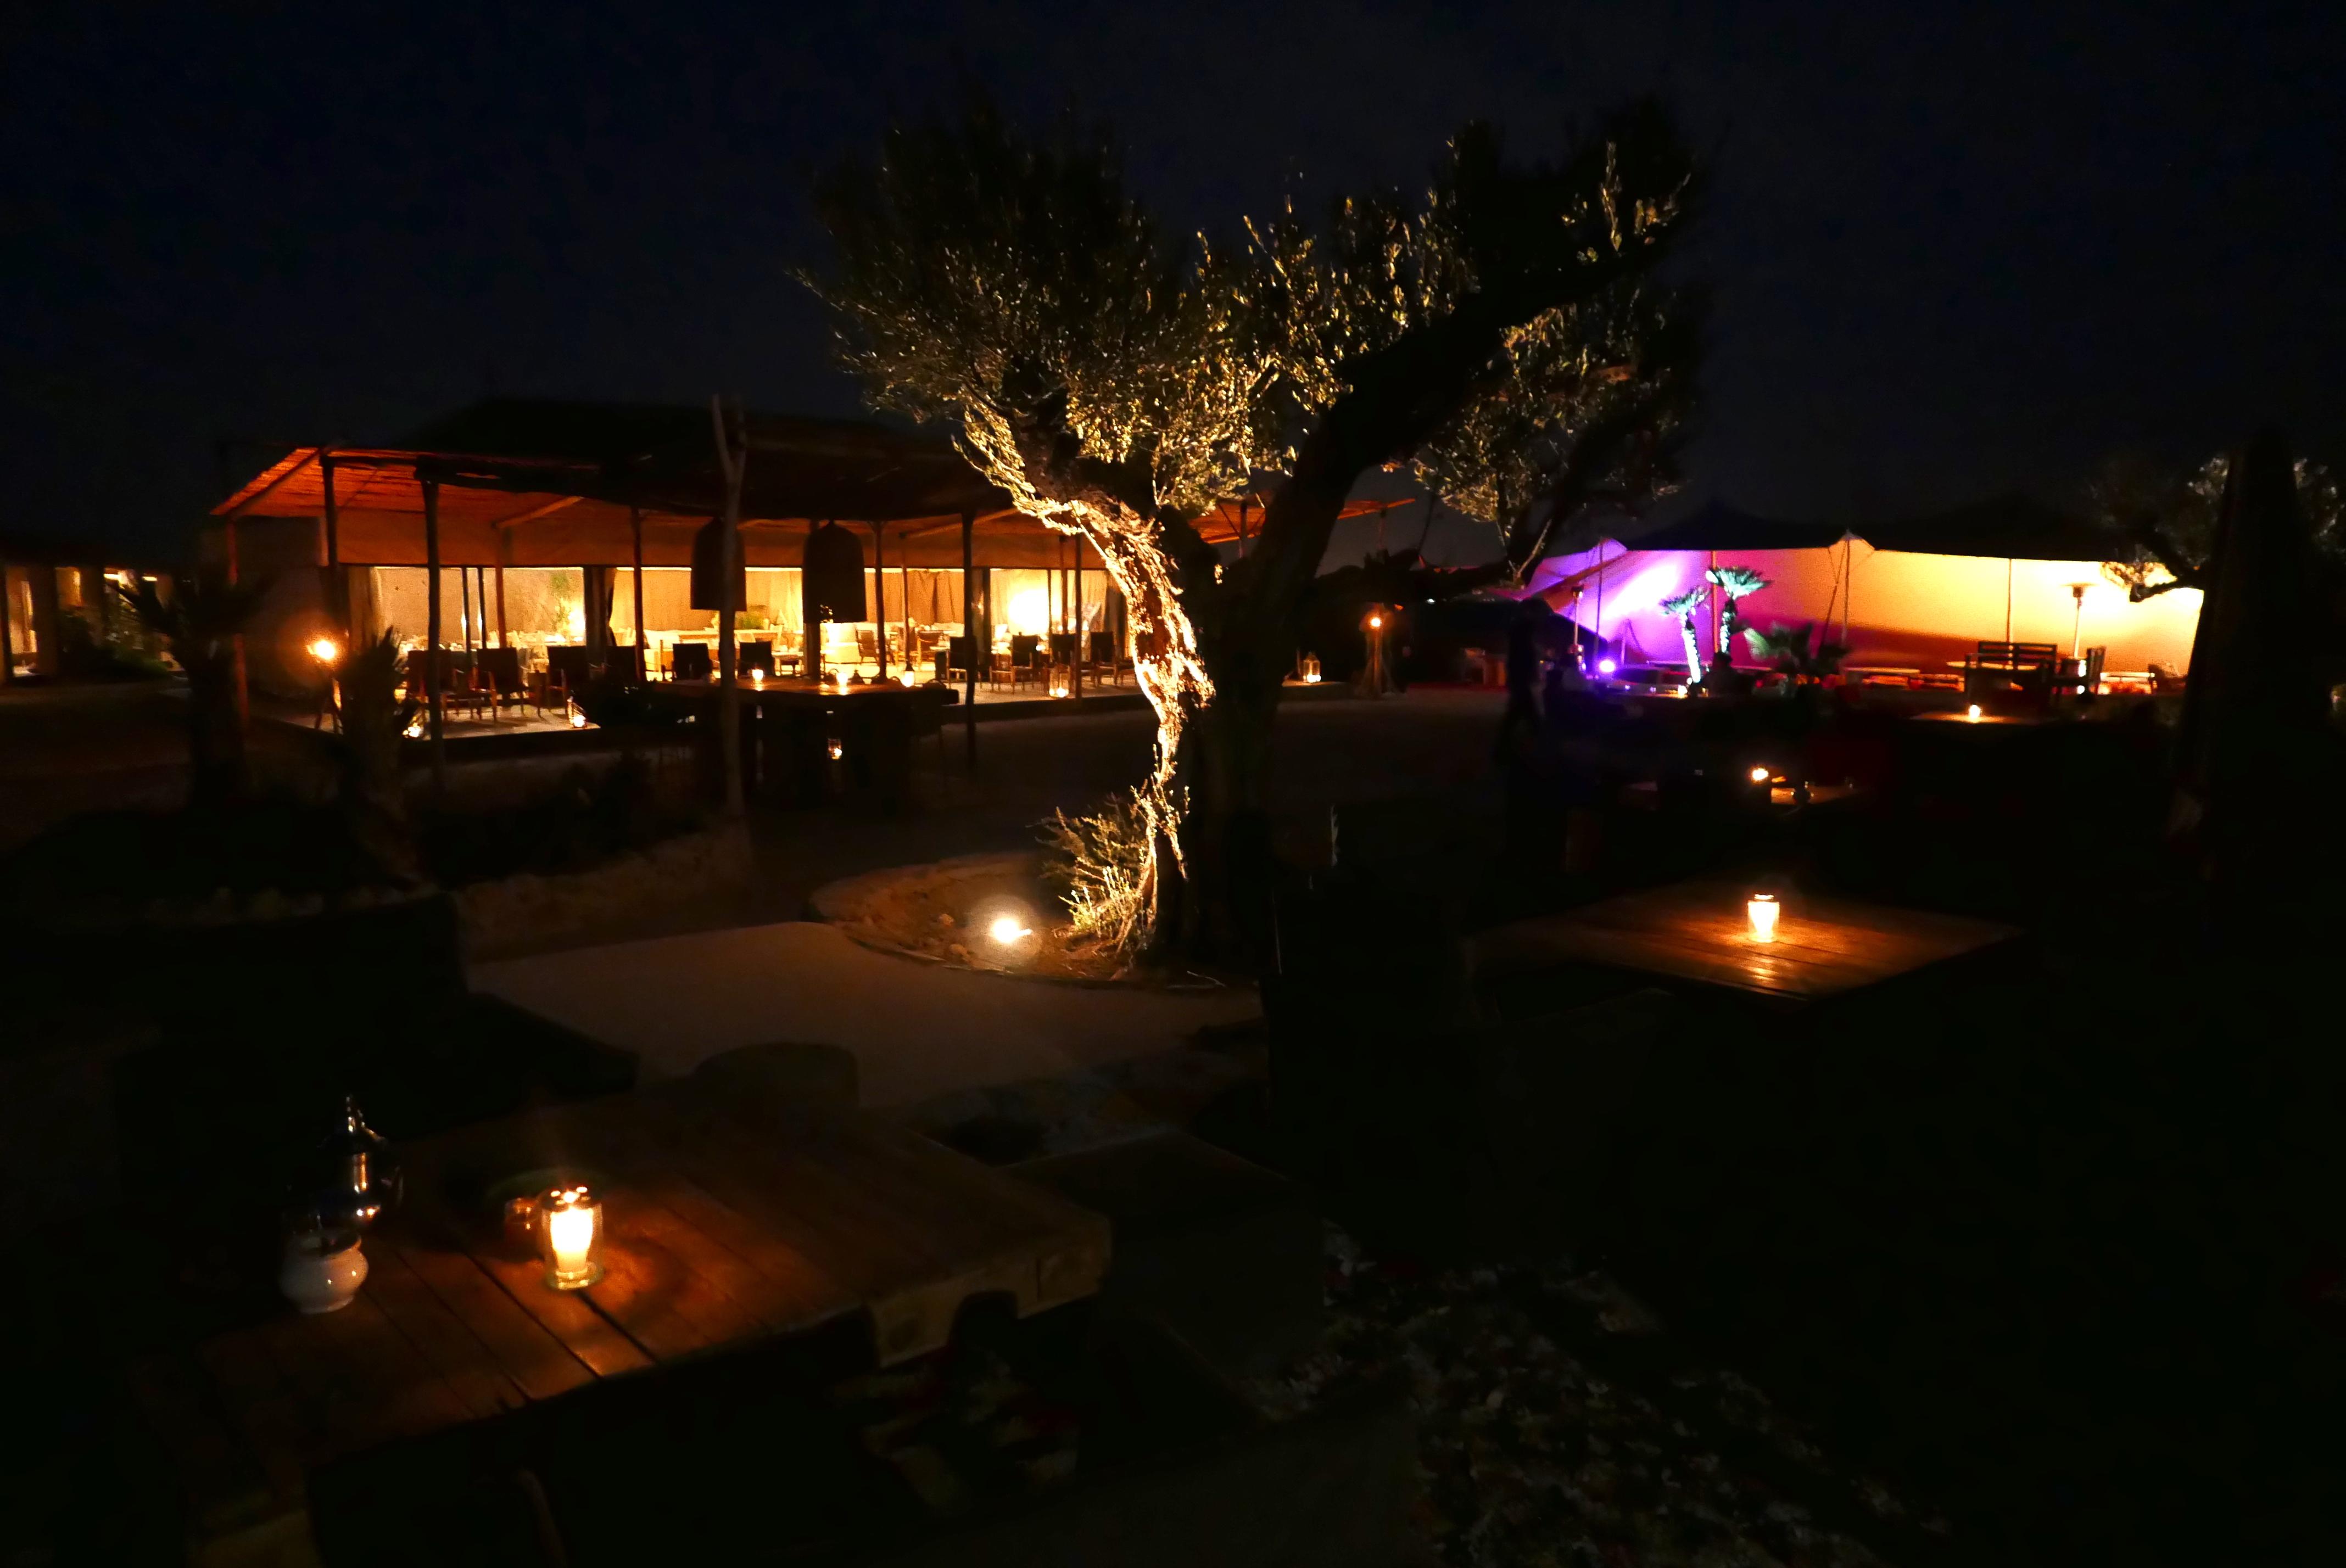 No coração do deserto, um centro de eventos oferece de jantares românticos à recepções para centenas de viajantes